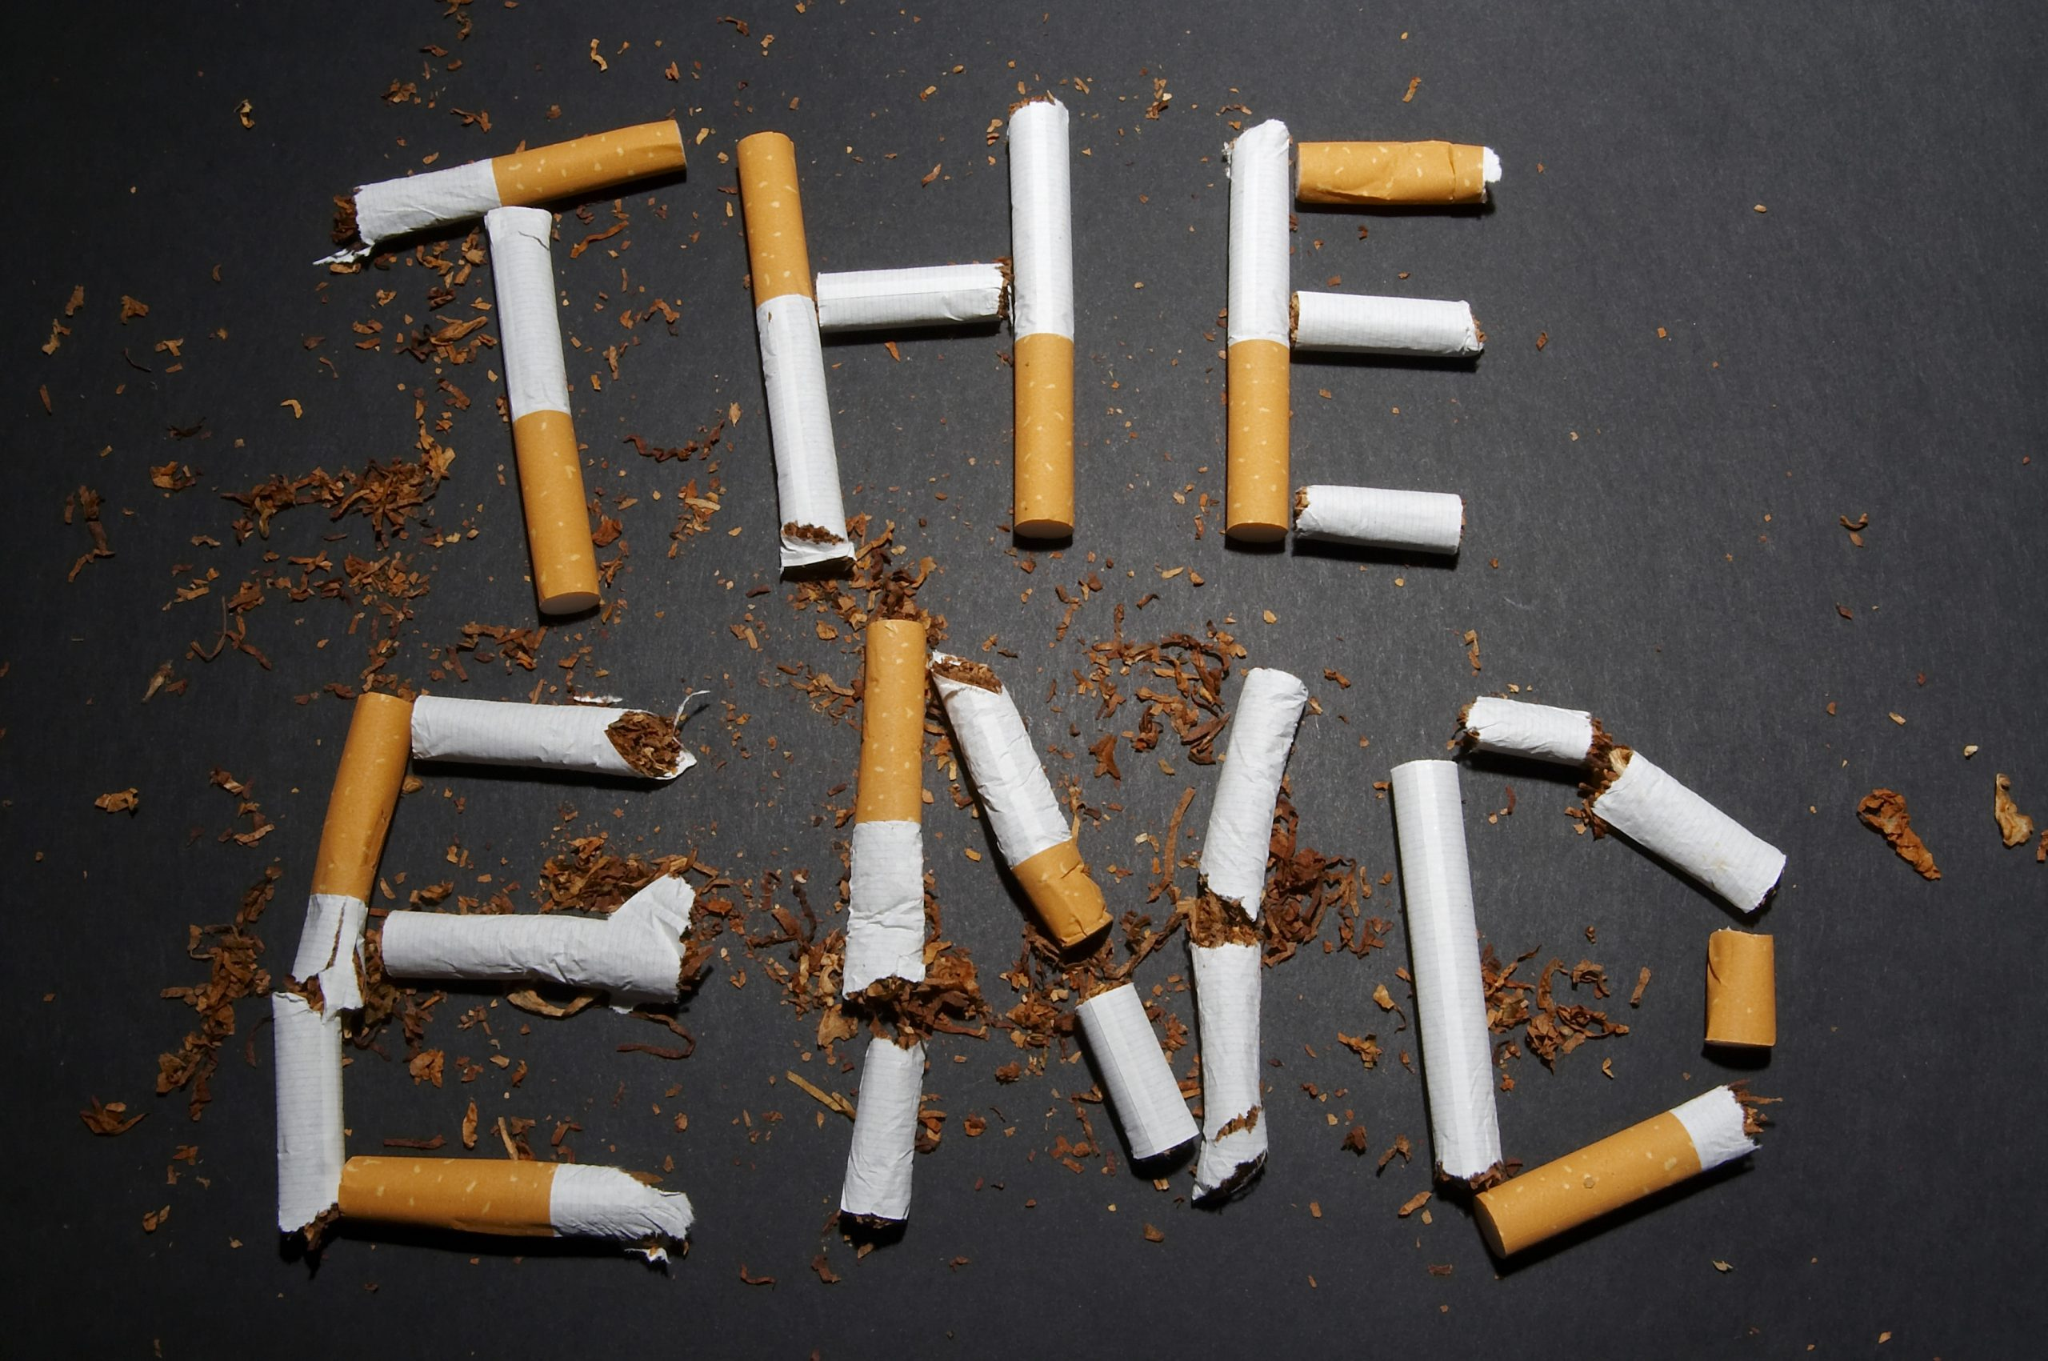 داروی ترک اعتیاد و ترک سیگار